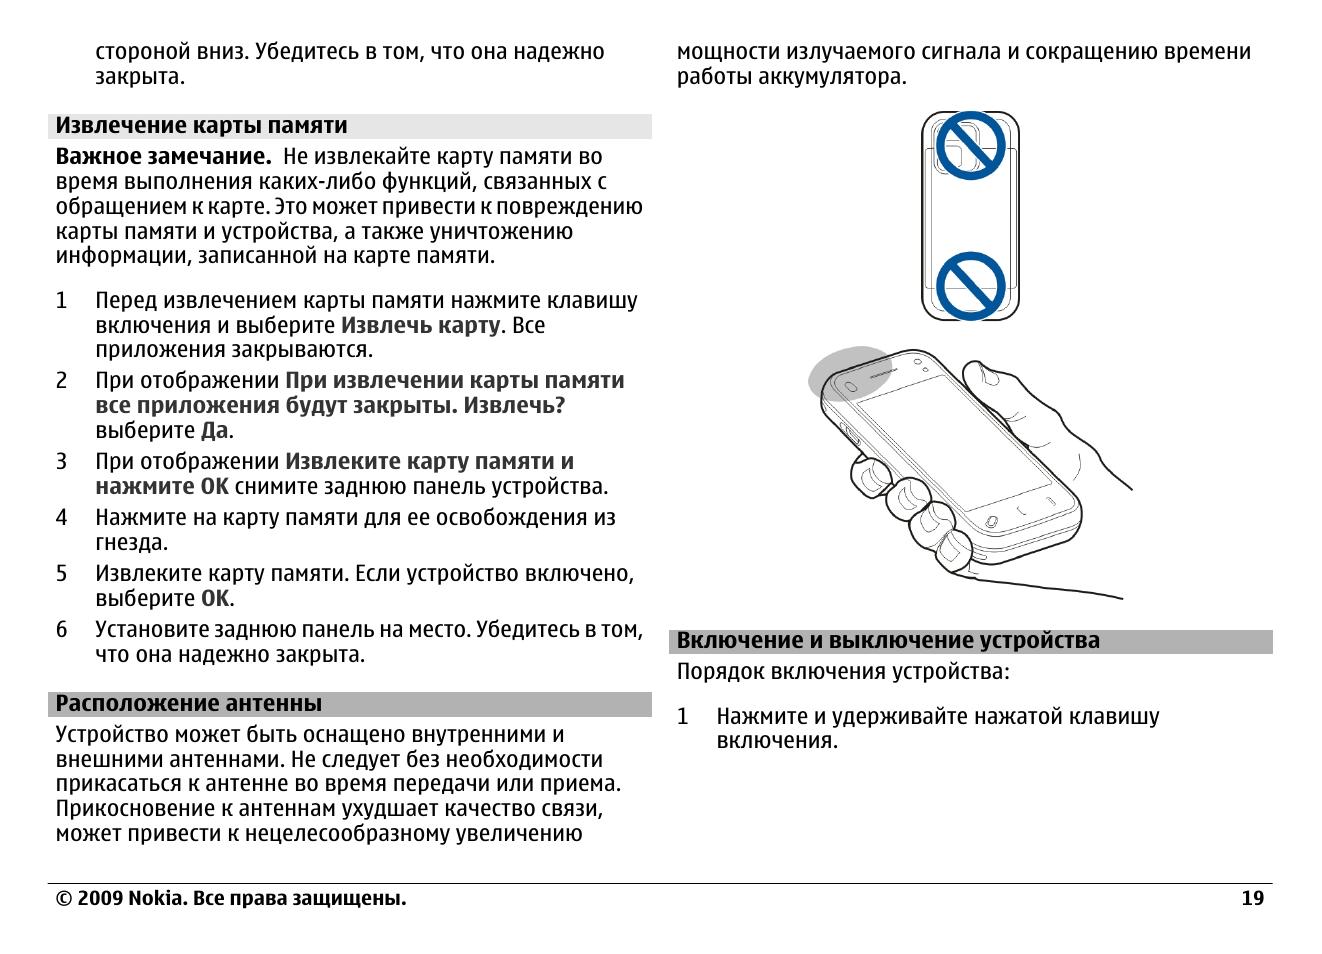 Извлечение карты памяти, Расположение антенны, Включение и выключение устройства Инструкция по эксплуатации Nokia N97 Mini Стран